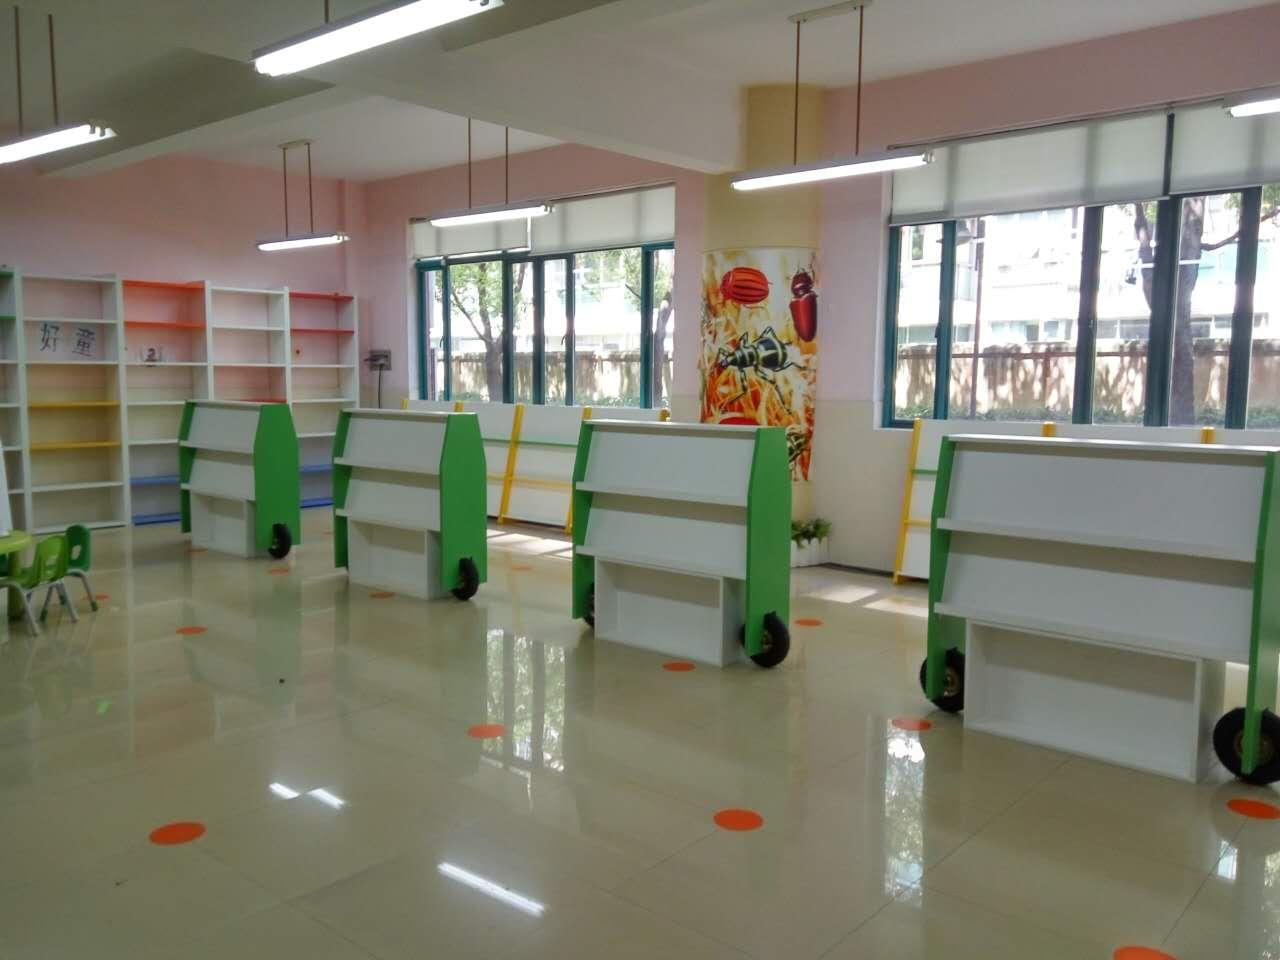 早教中心置物架 图书展示柜 儿童刊物展示栏 ZJZX16042601-品源